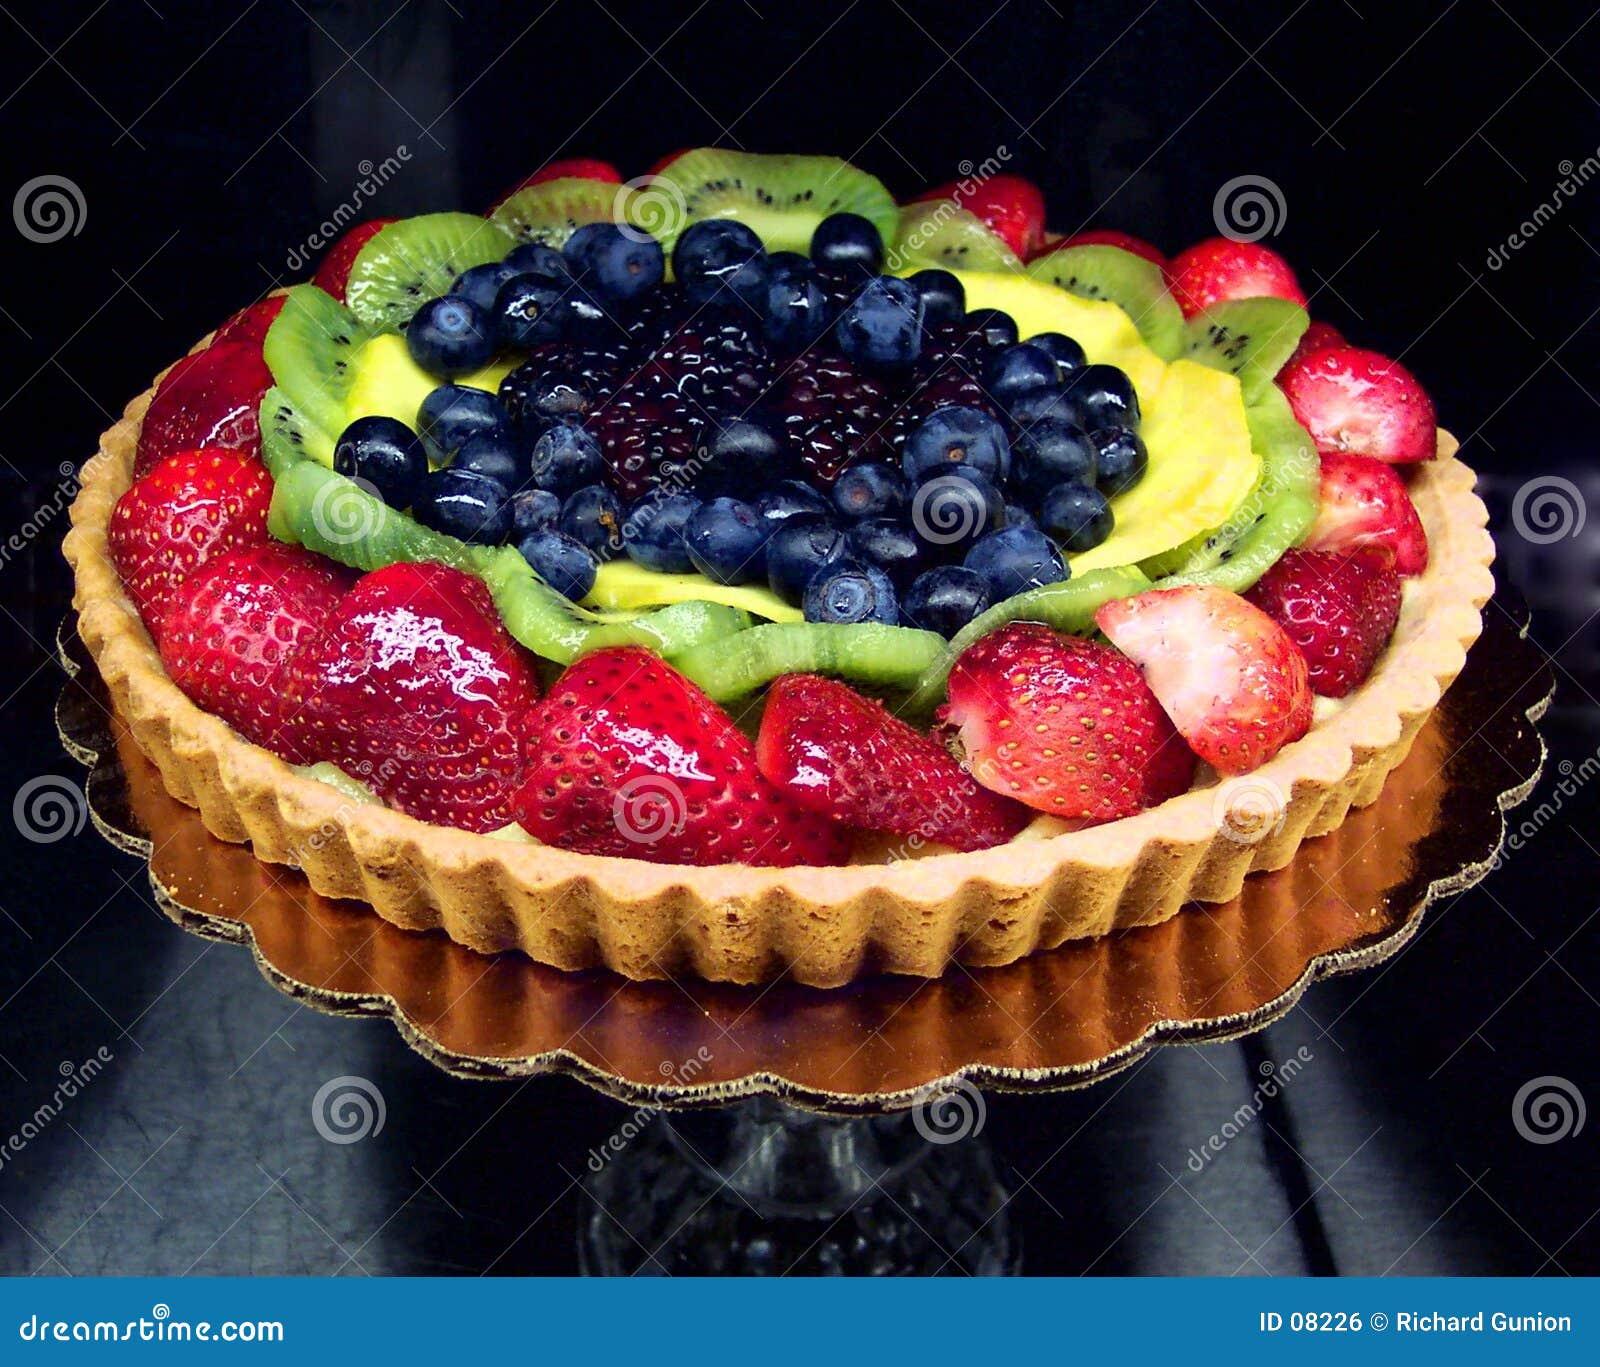 Dessert chiunque?